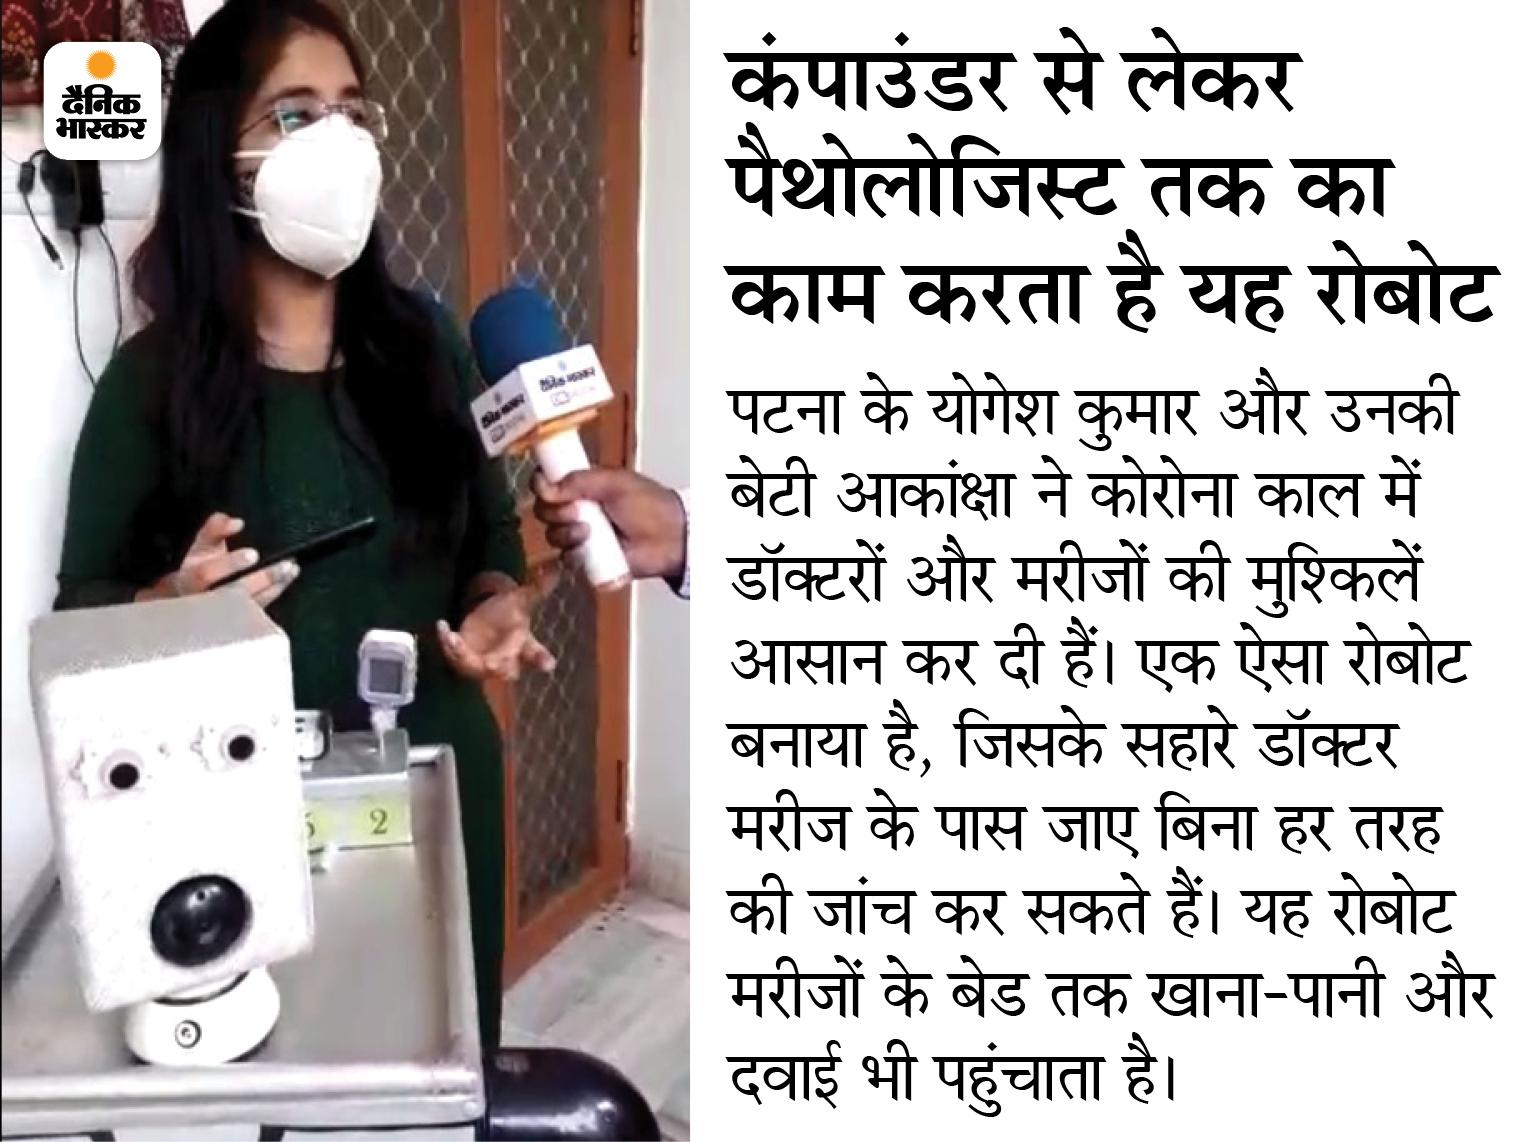 पटना के पिता-पुत्री ने बनाया मेडी रोबोट, हर तरह की जांच कर डॉक्टर के पास भेज देगा आपकी रिपोर्ट|बिहार,Bihar - Dainik Bhaskar